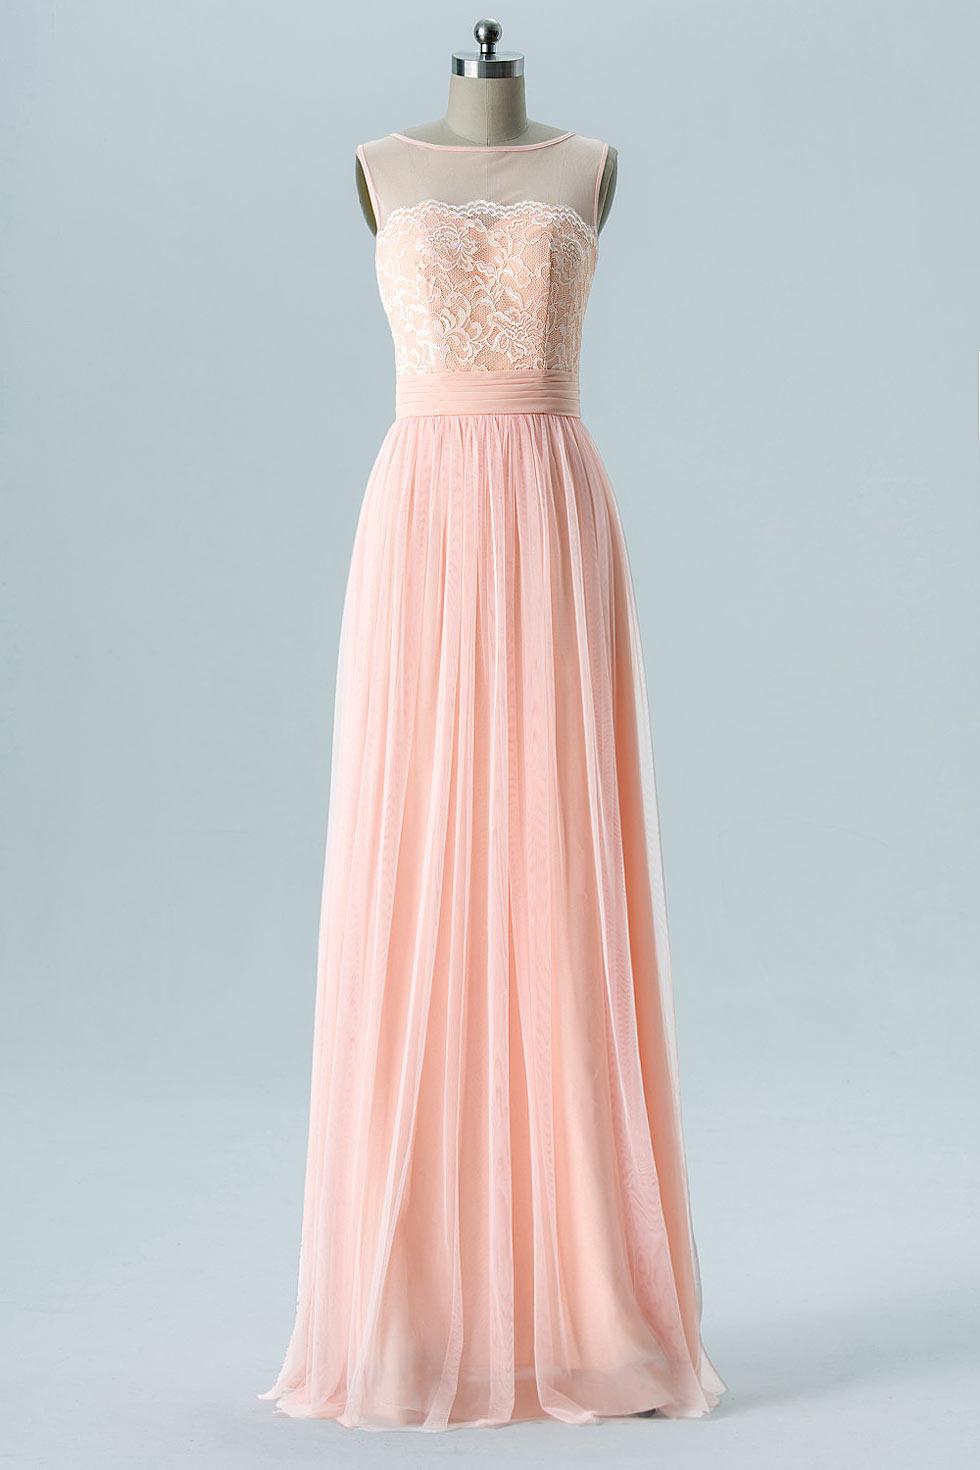 13 Ausgezeichnet Abendkleid Was Drüber Ziehen DesignFormal Ausgezeichnet Abendkleid Was Drüber Ziehen Design